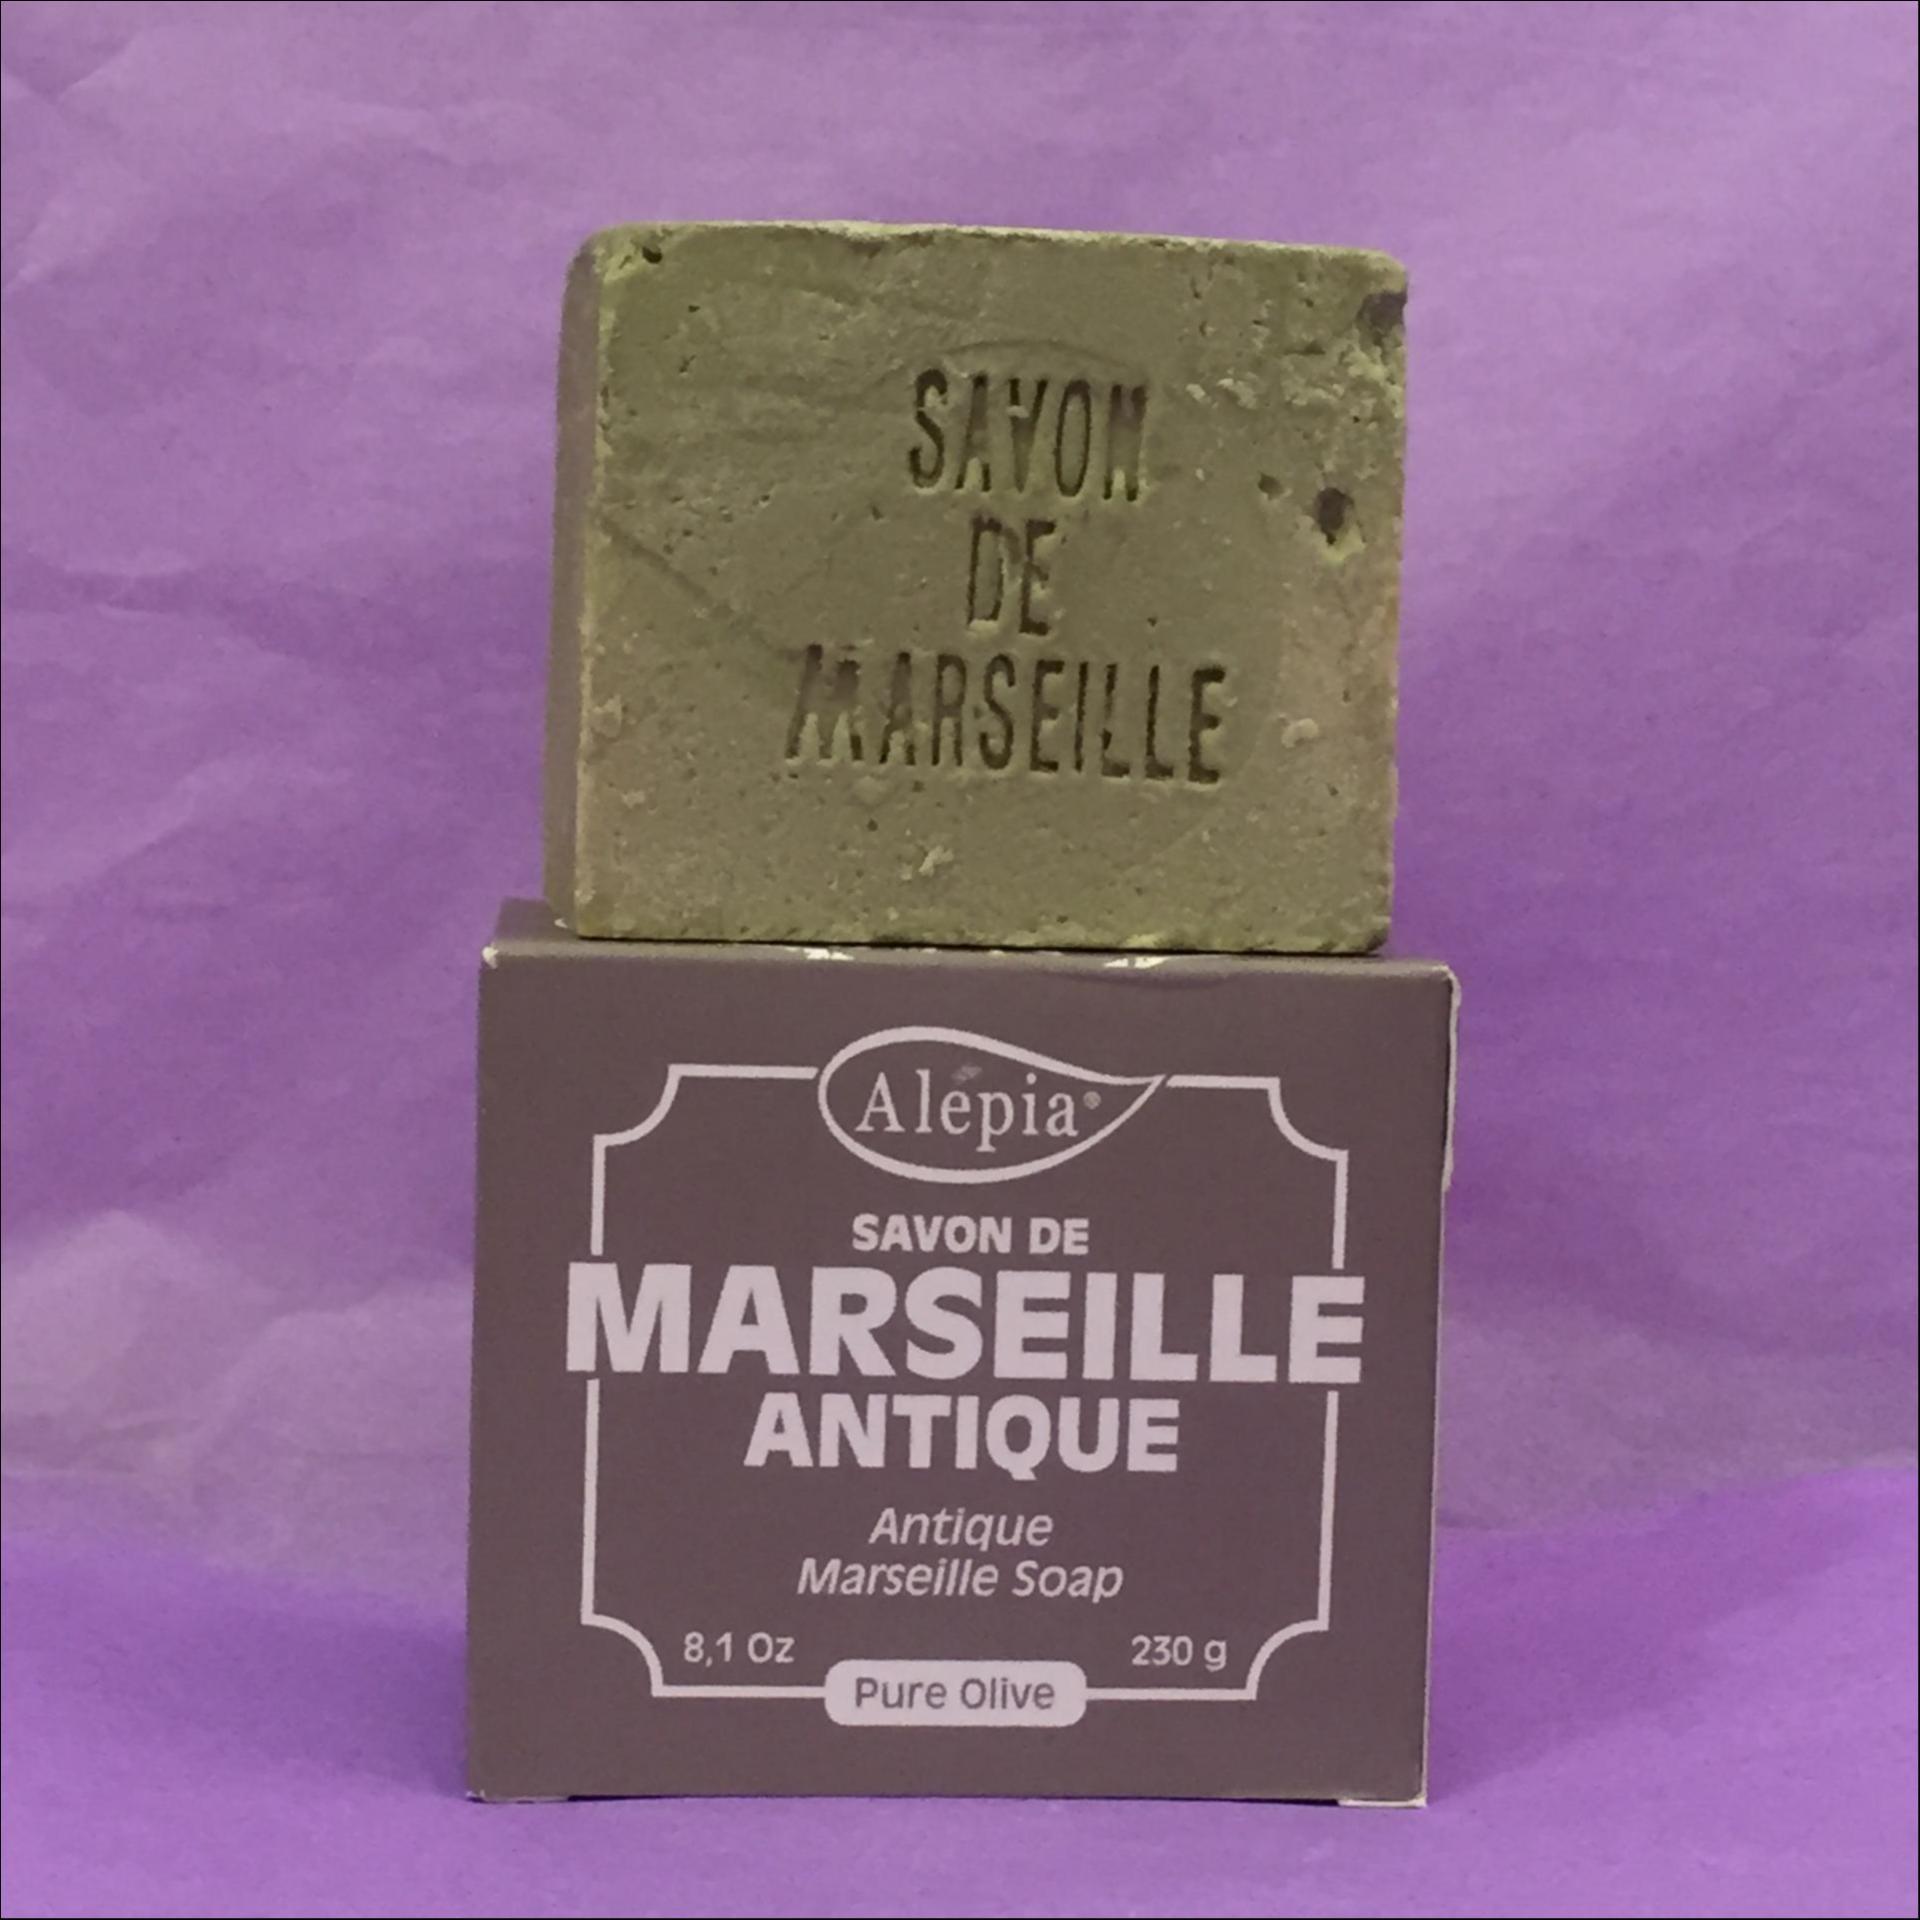 Savon de Marseille antique